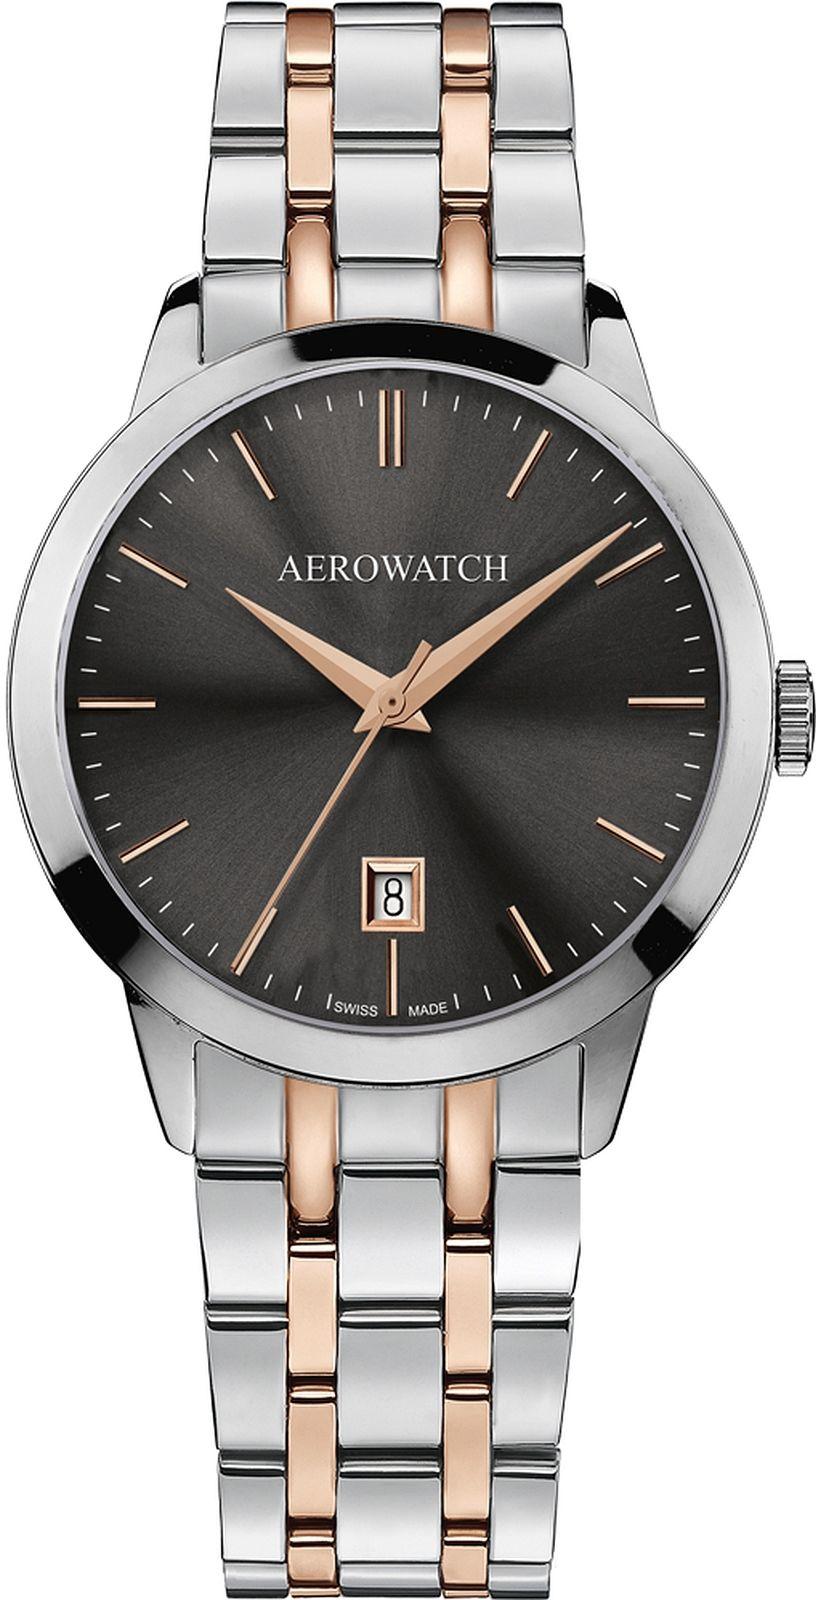 Aerowatch 49978-BI05-M > Wysyłka tego samego dnia Grawer 0zł Darmowa dostawa Kurierem/Inpost Darmowy zwrot przez 100 DNI